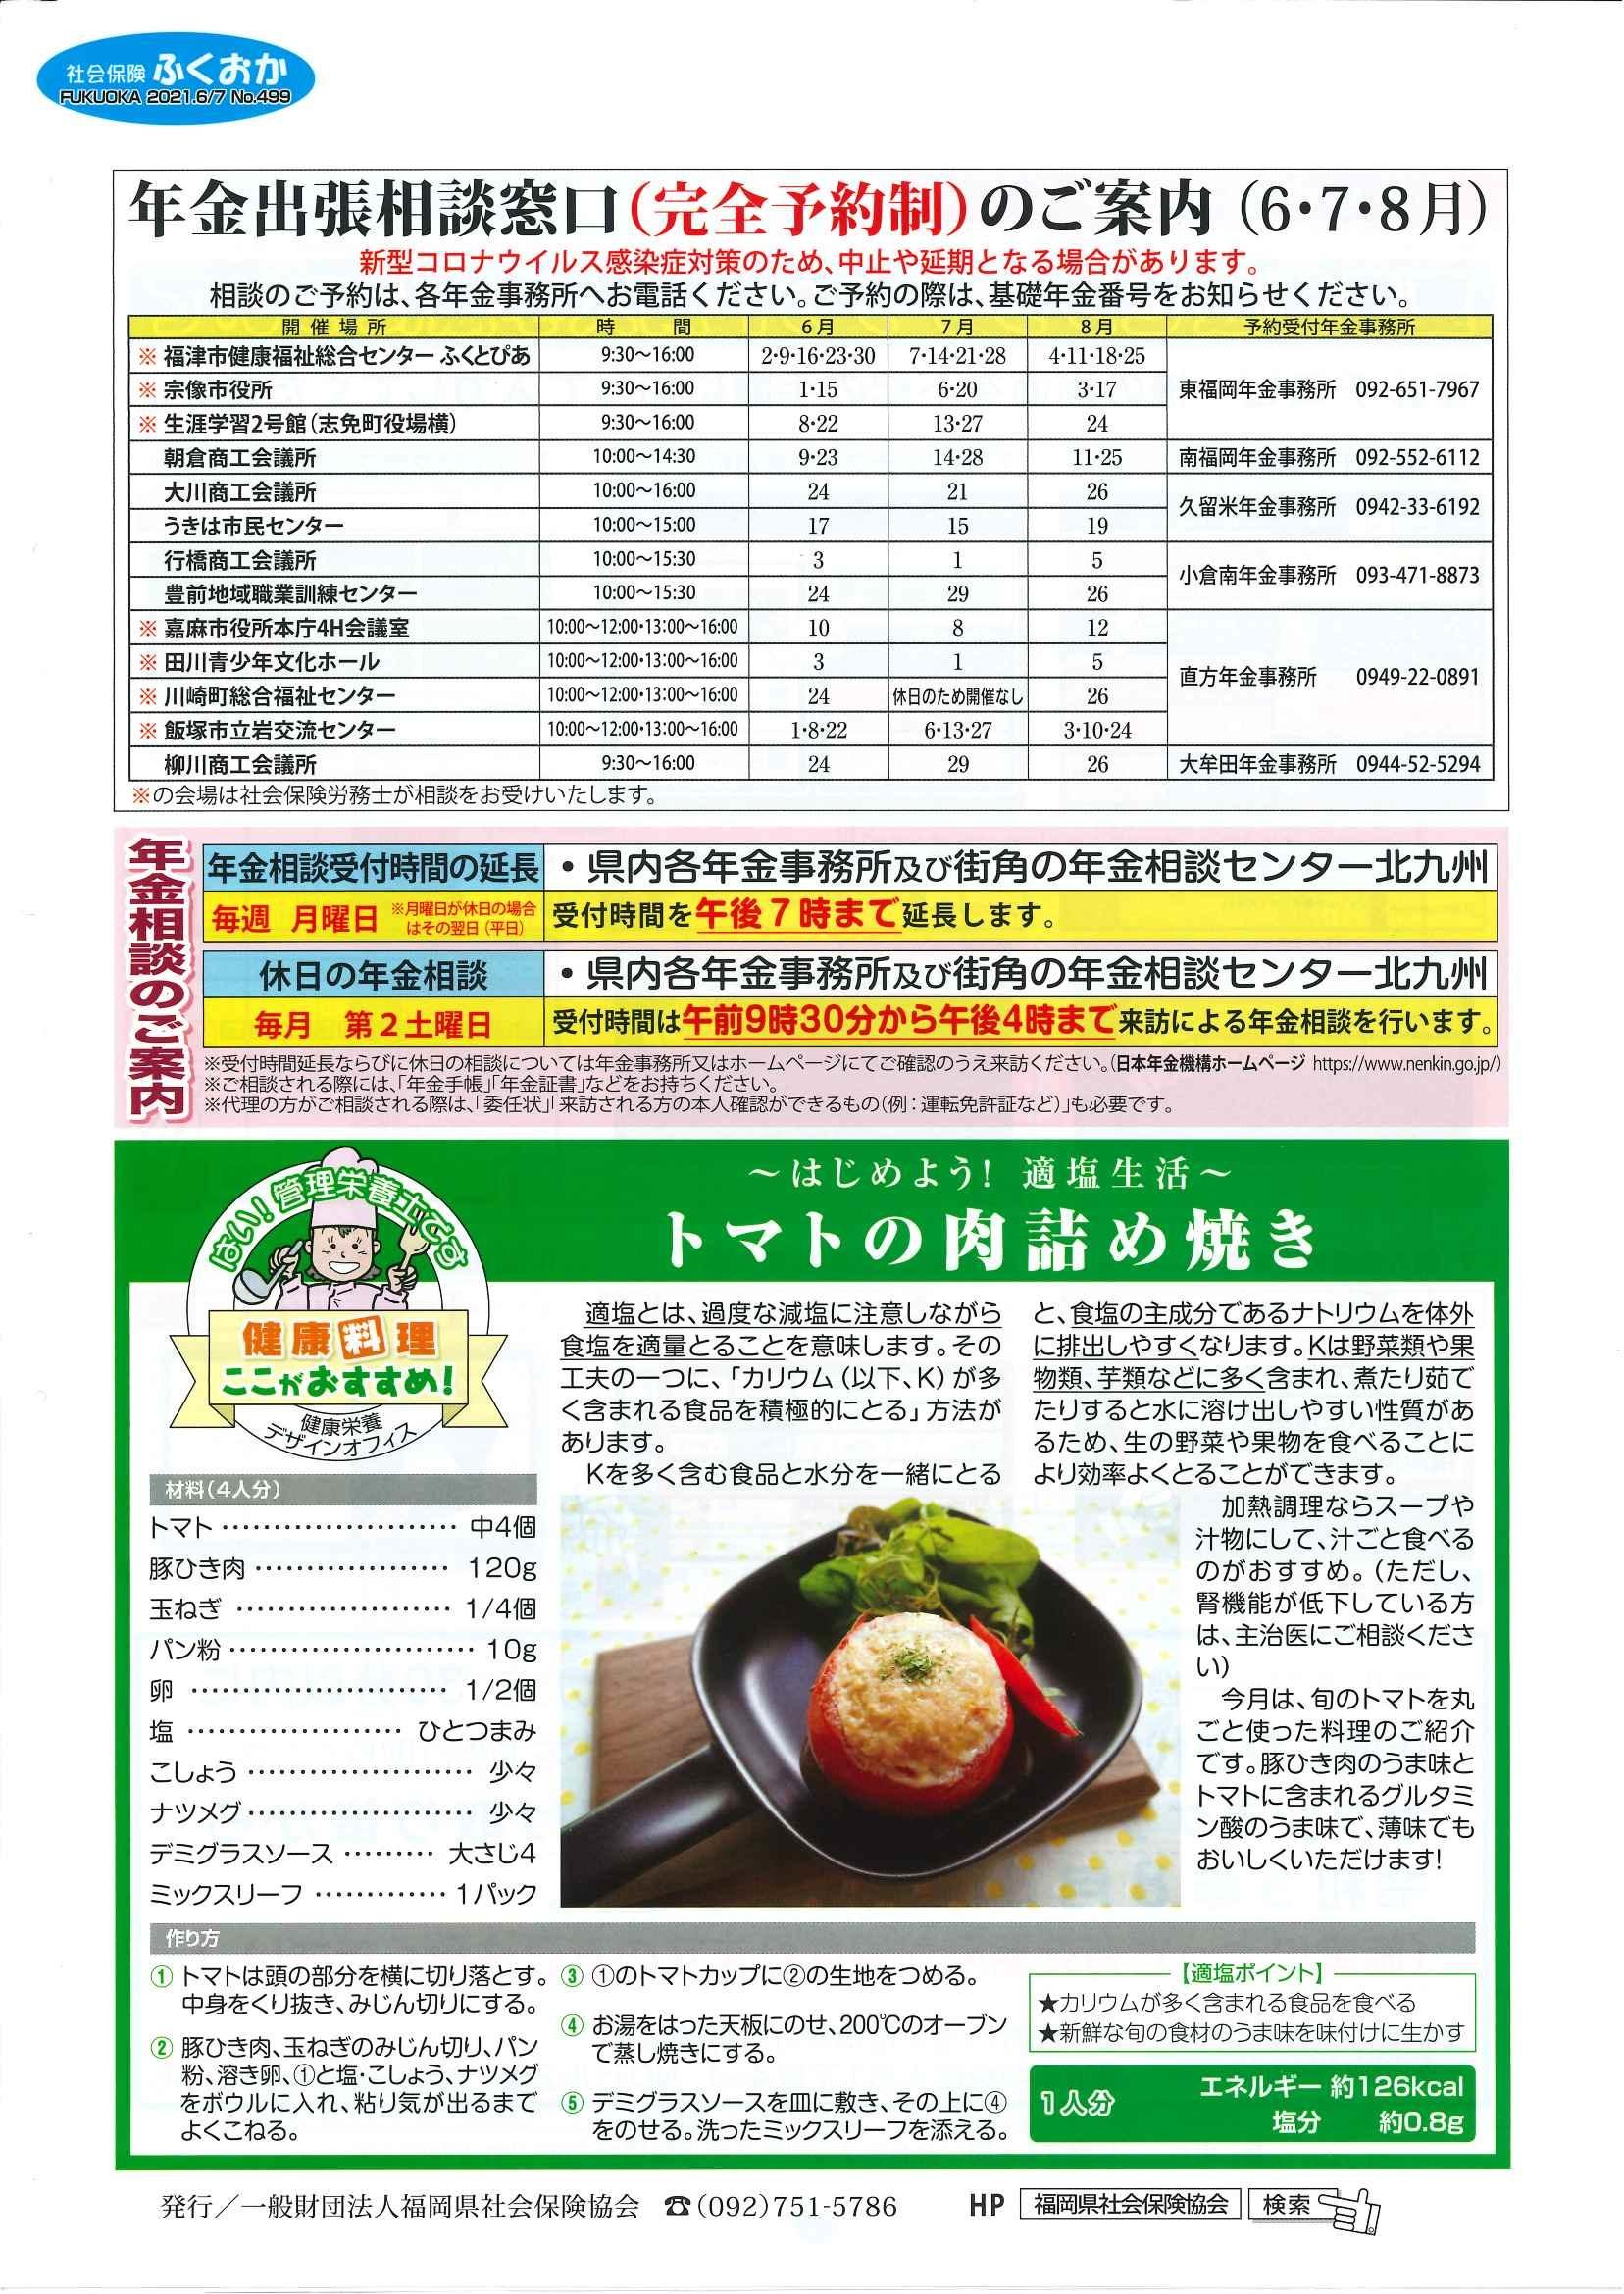 社会保険「ふくおか」2021年6・7月号_f0120774_13462994.jpg